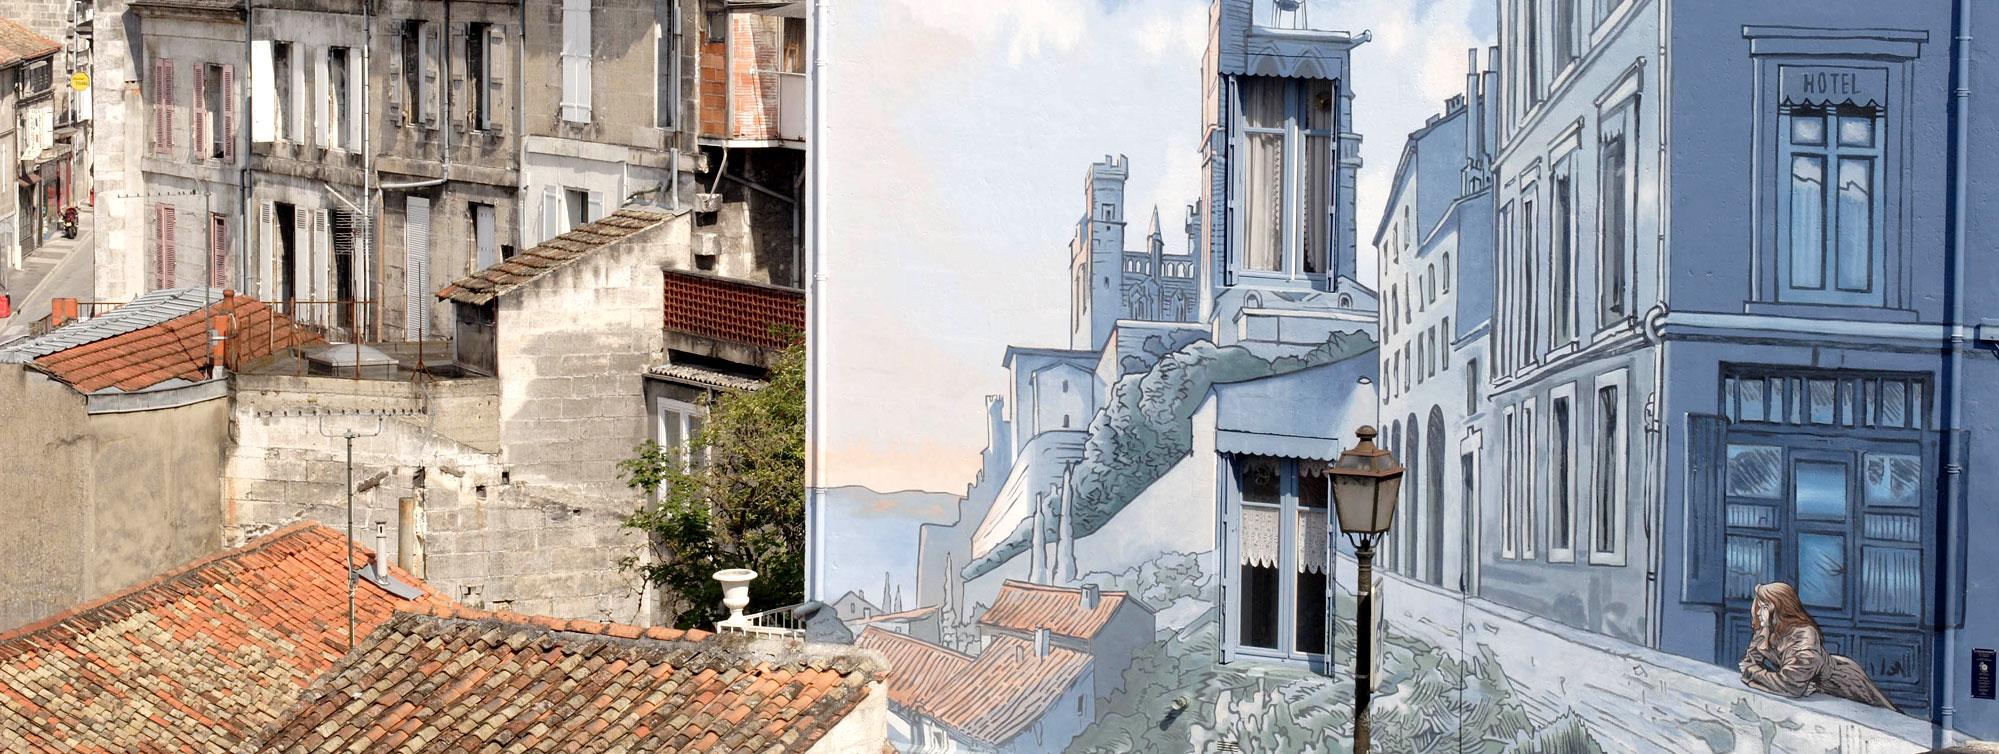 Chateau de Maumont : Mur BD peint Angouleme ©Infiniment-Charente